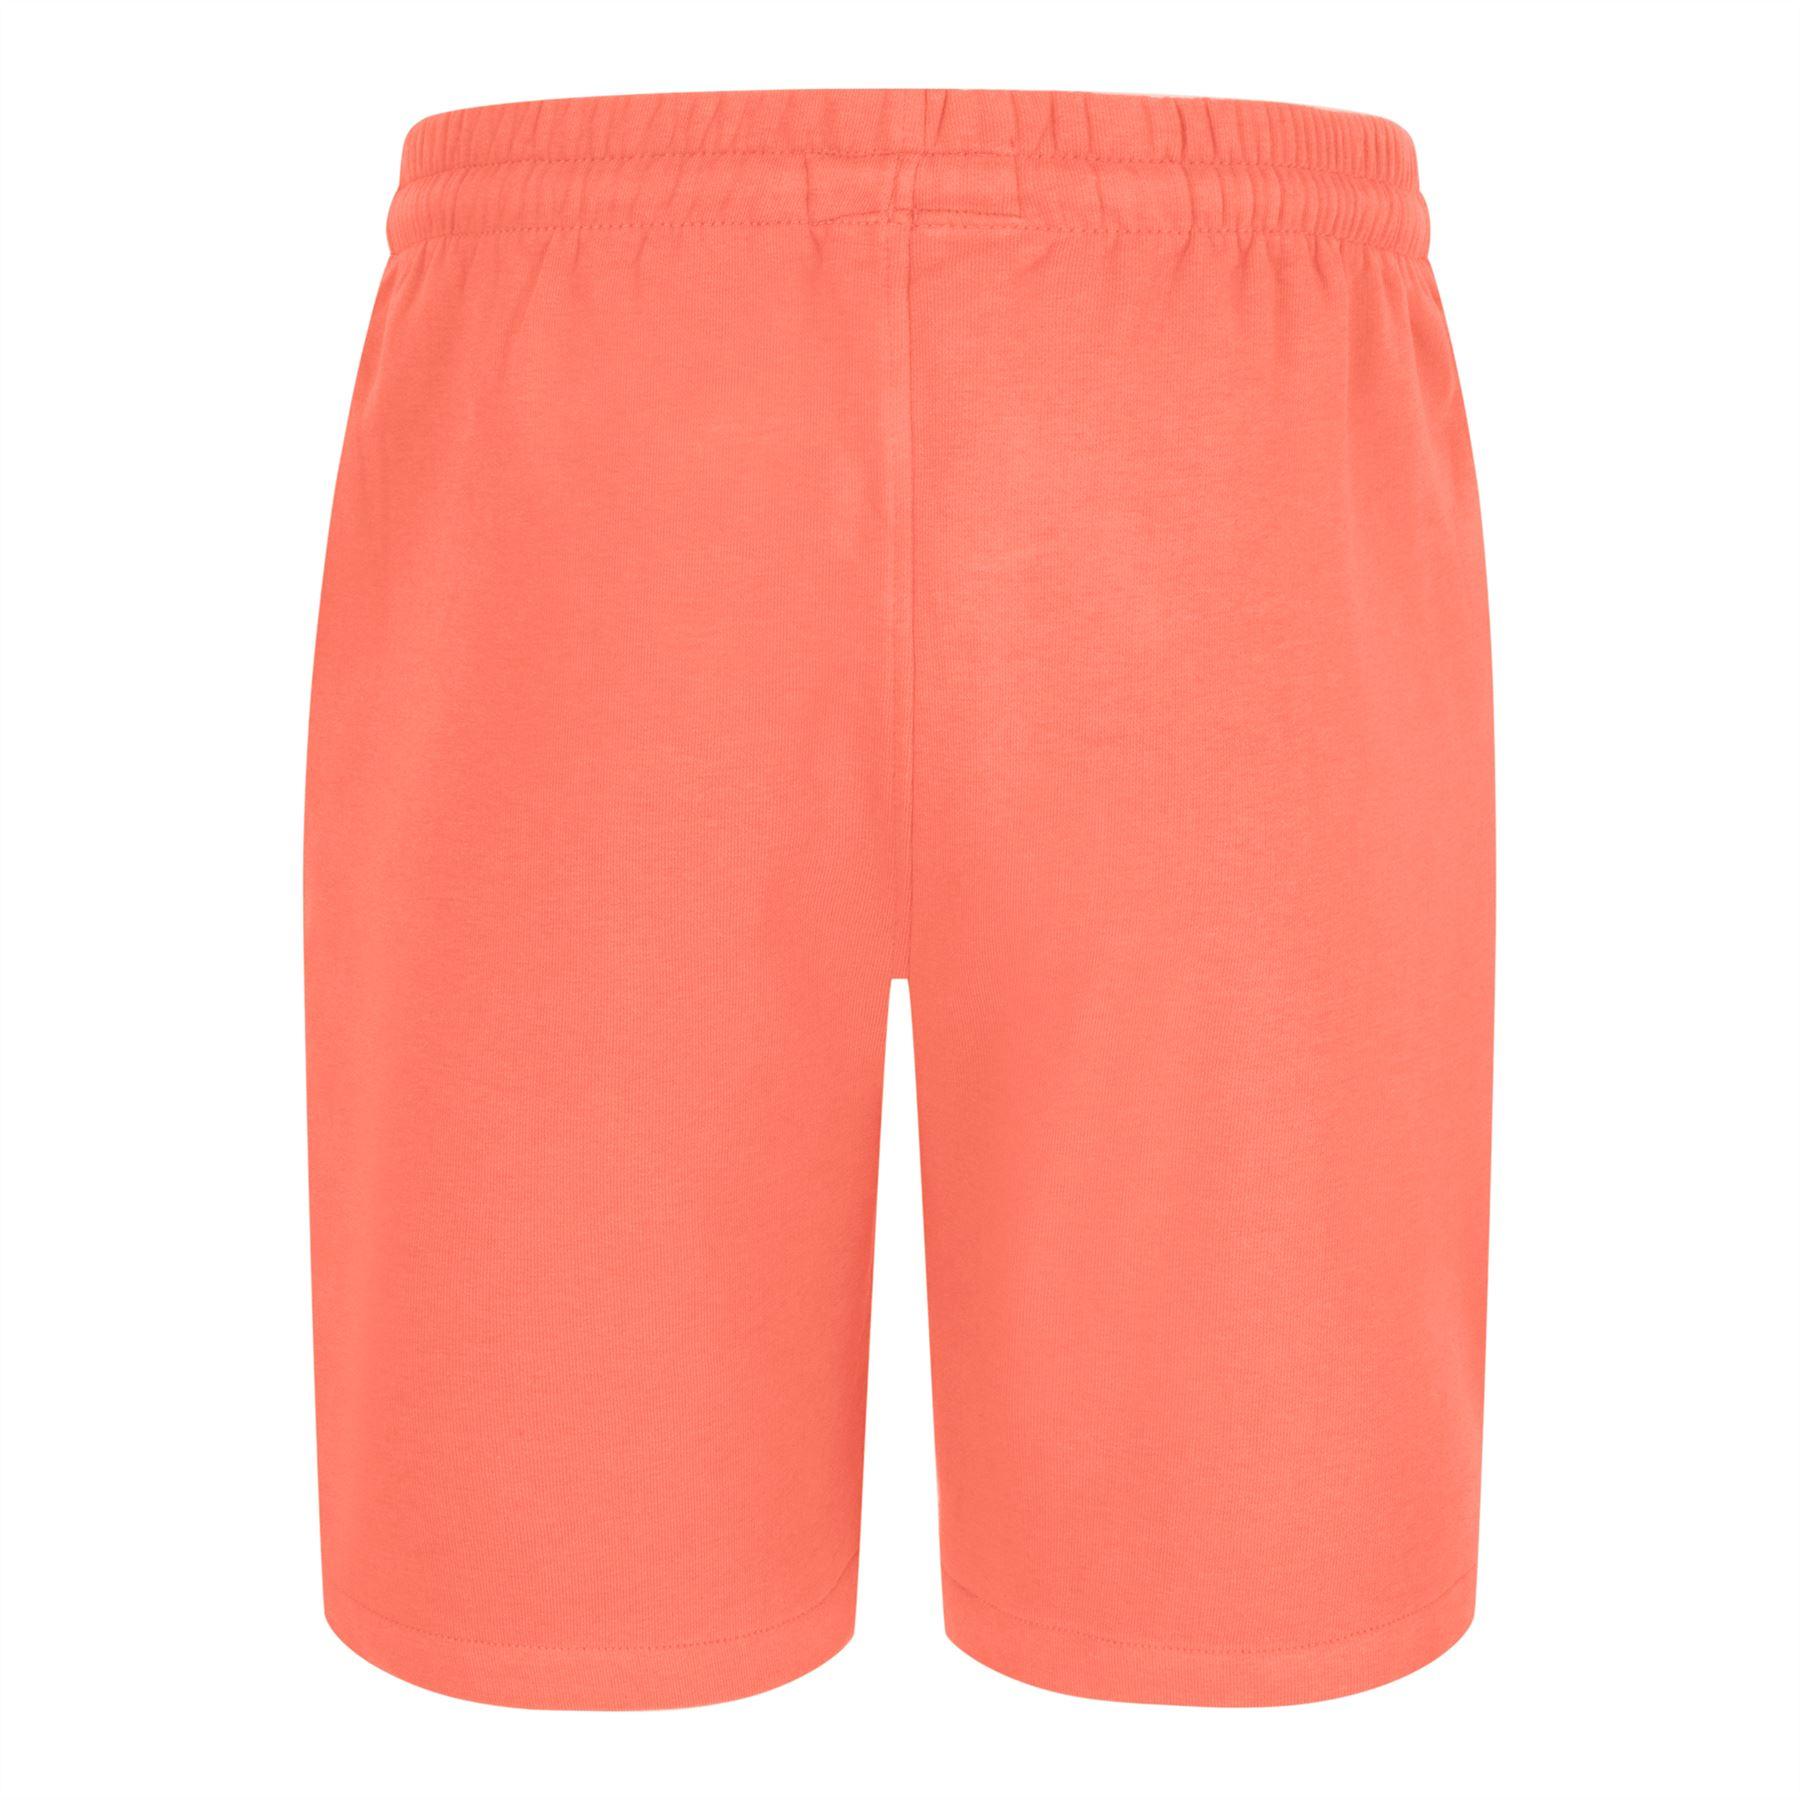 Garcons-Enfants-Jersey-Short-En-Coton-Ete-Decontracte-Premium-taille-elastique-Plage-Ete miniature 13